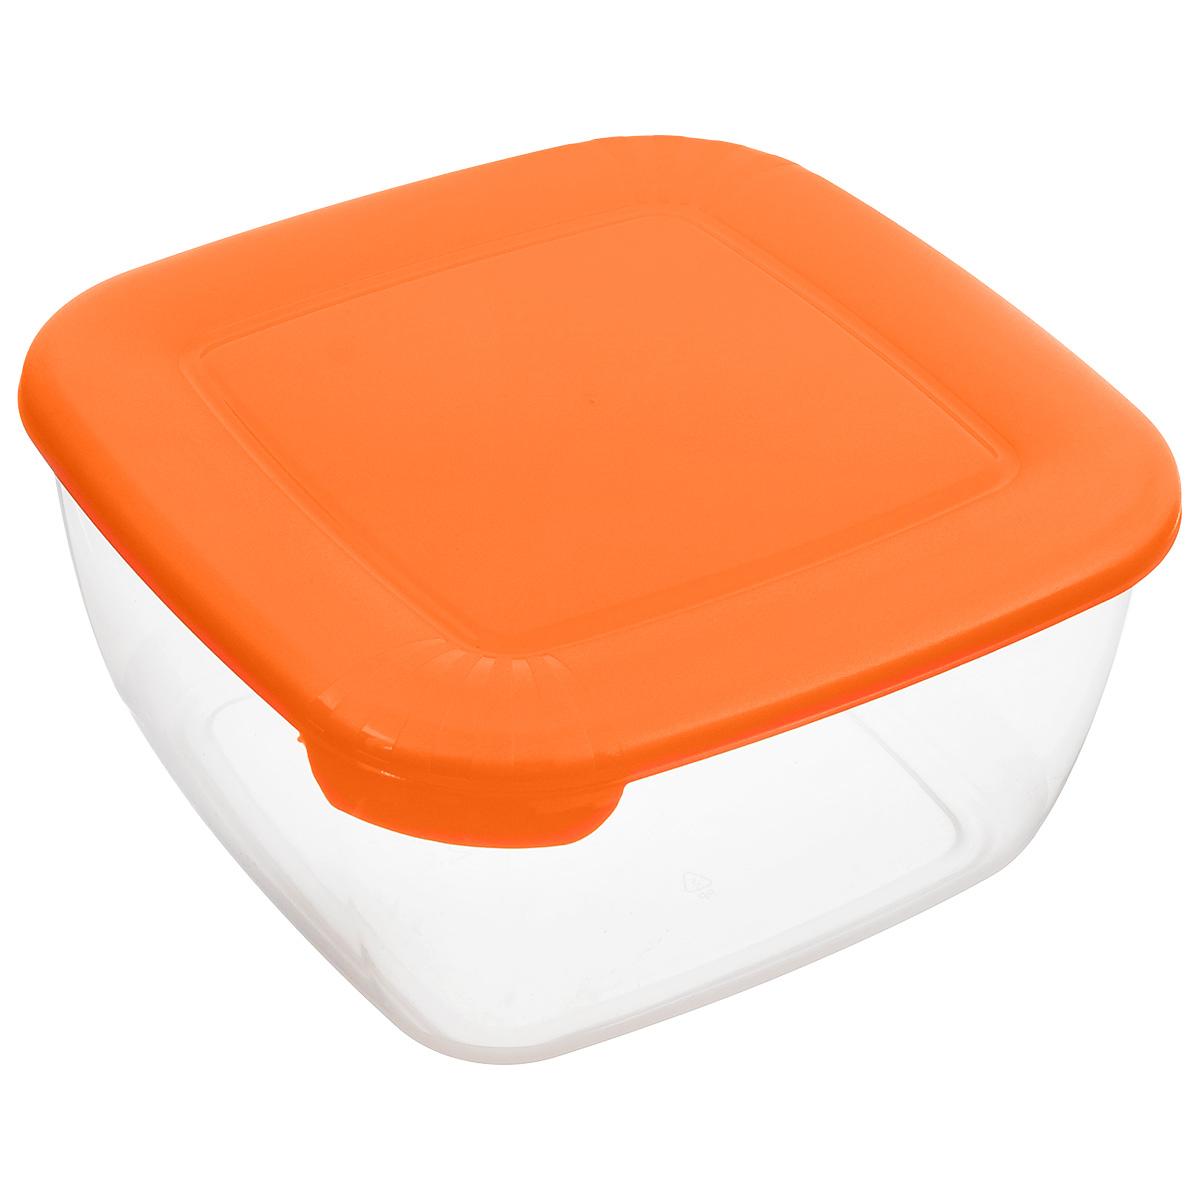 Контейнер Полимербыт Лайт, цвет: оранжевый, прозрачный, 2,5 лС544_оранжевыйКонтейнер Полимербыт Лайт квадратной формы, изготовленный из прочного пластика, предназначен специально для хранения пищевых продуктов. Крышка легко открывается и плотно закрывается.Контейнер устойчив к воздействию масел и жиров, легко моется. Прозрачные стенки позволяют видеть содержимое. Контейнер имеет возможность хранения продуктов глубокой заморозки, обладает высокой прочностью. Подходит для использования в микроволновых печах. Можно мыть в посудомоечной машине.